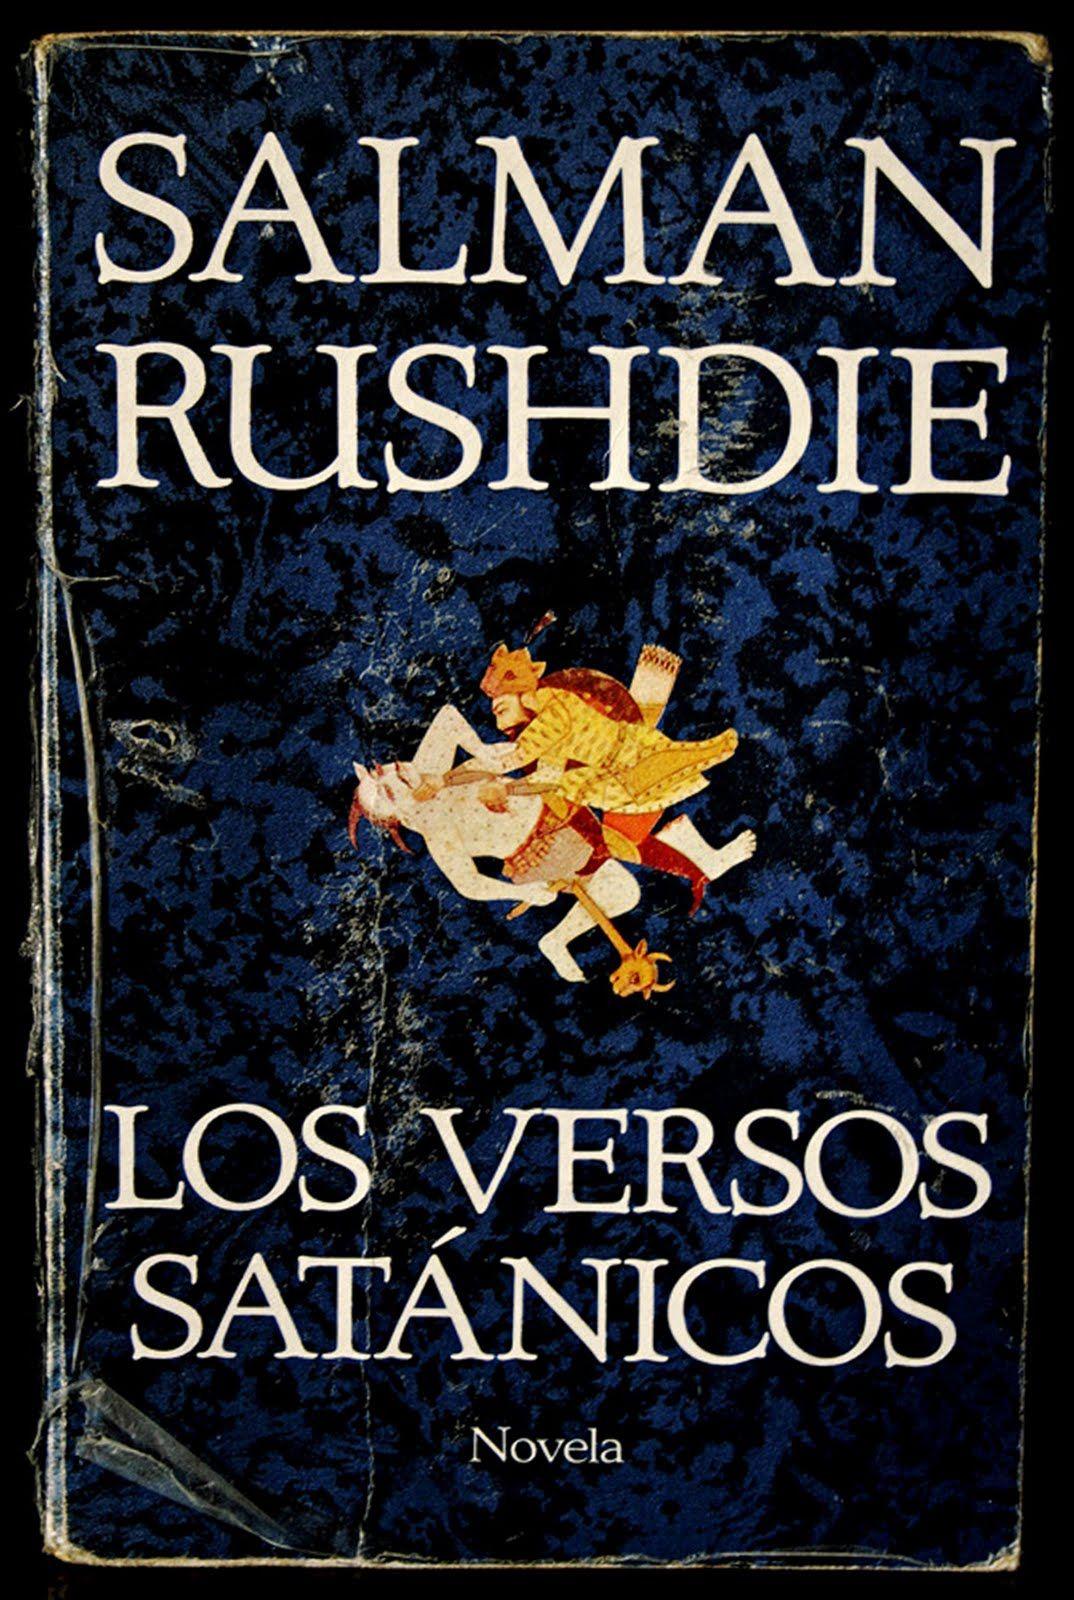 Los Versos Satanicos Salman Rushdie portada | Libros